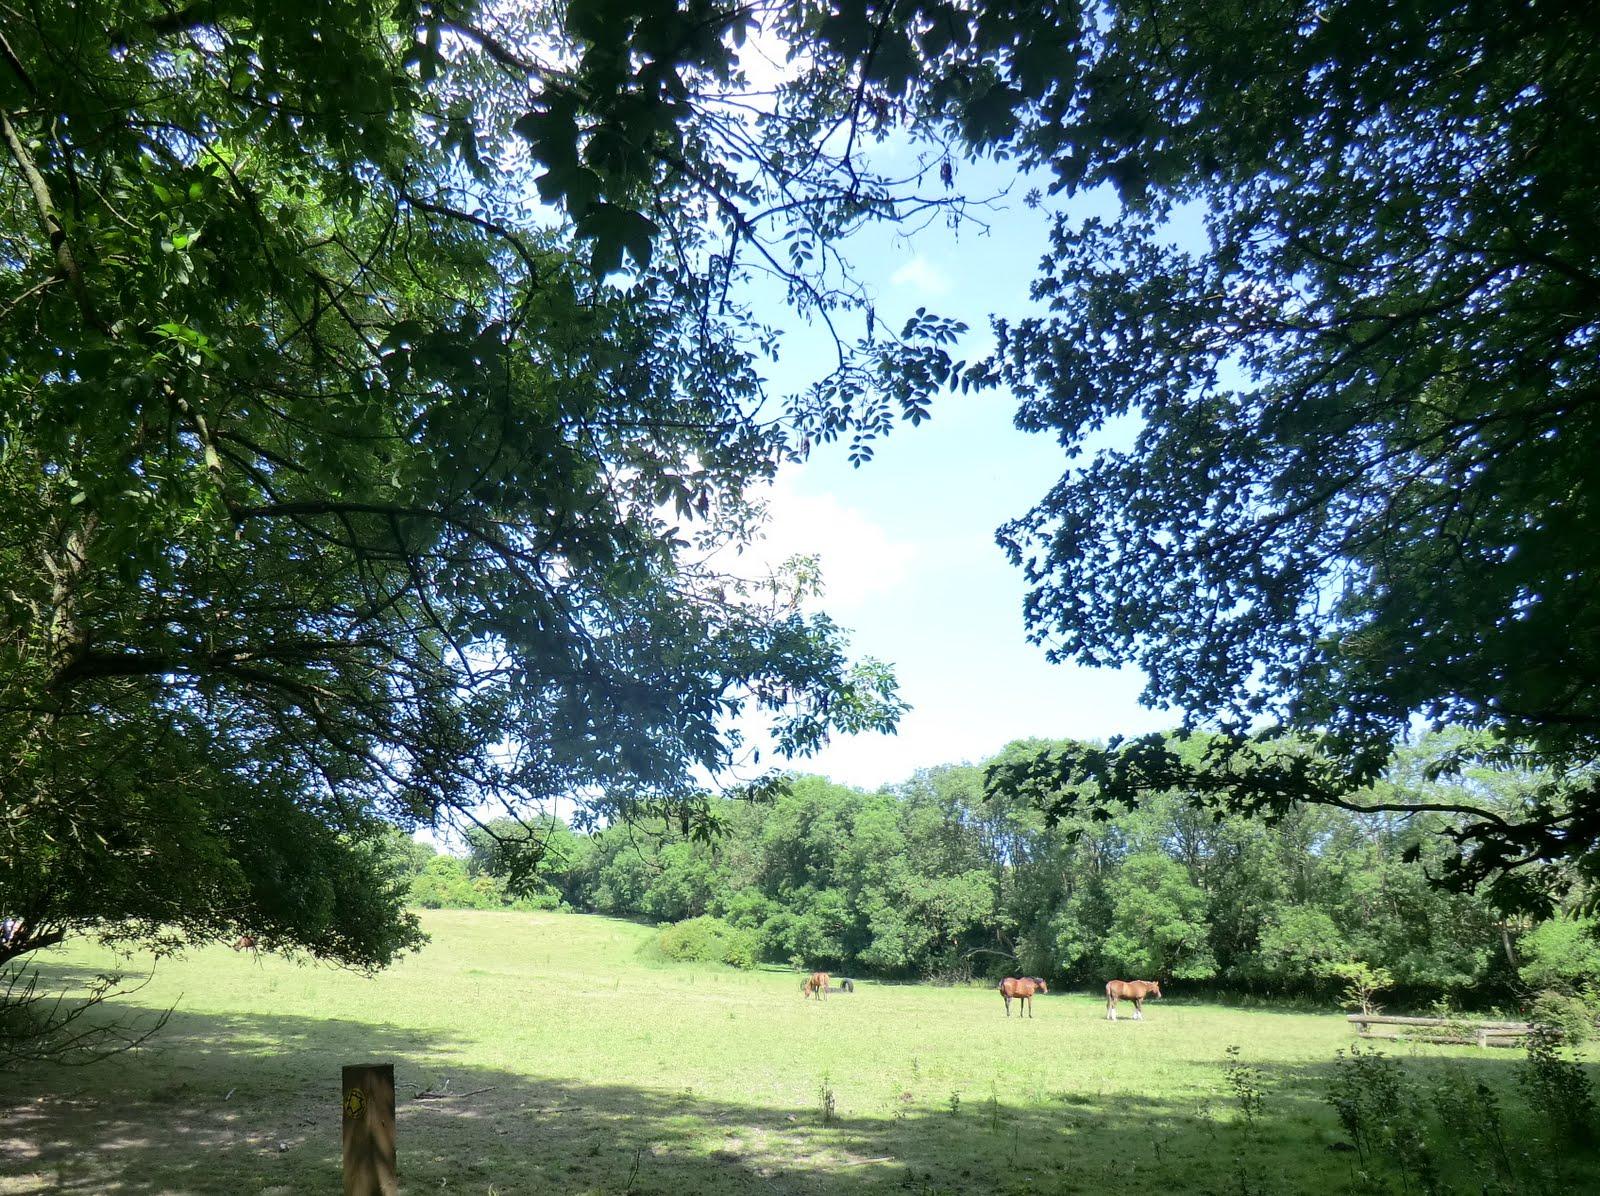 CIMG2359 Horses in field, Cobham Manor